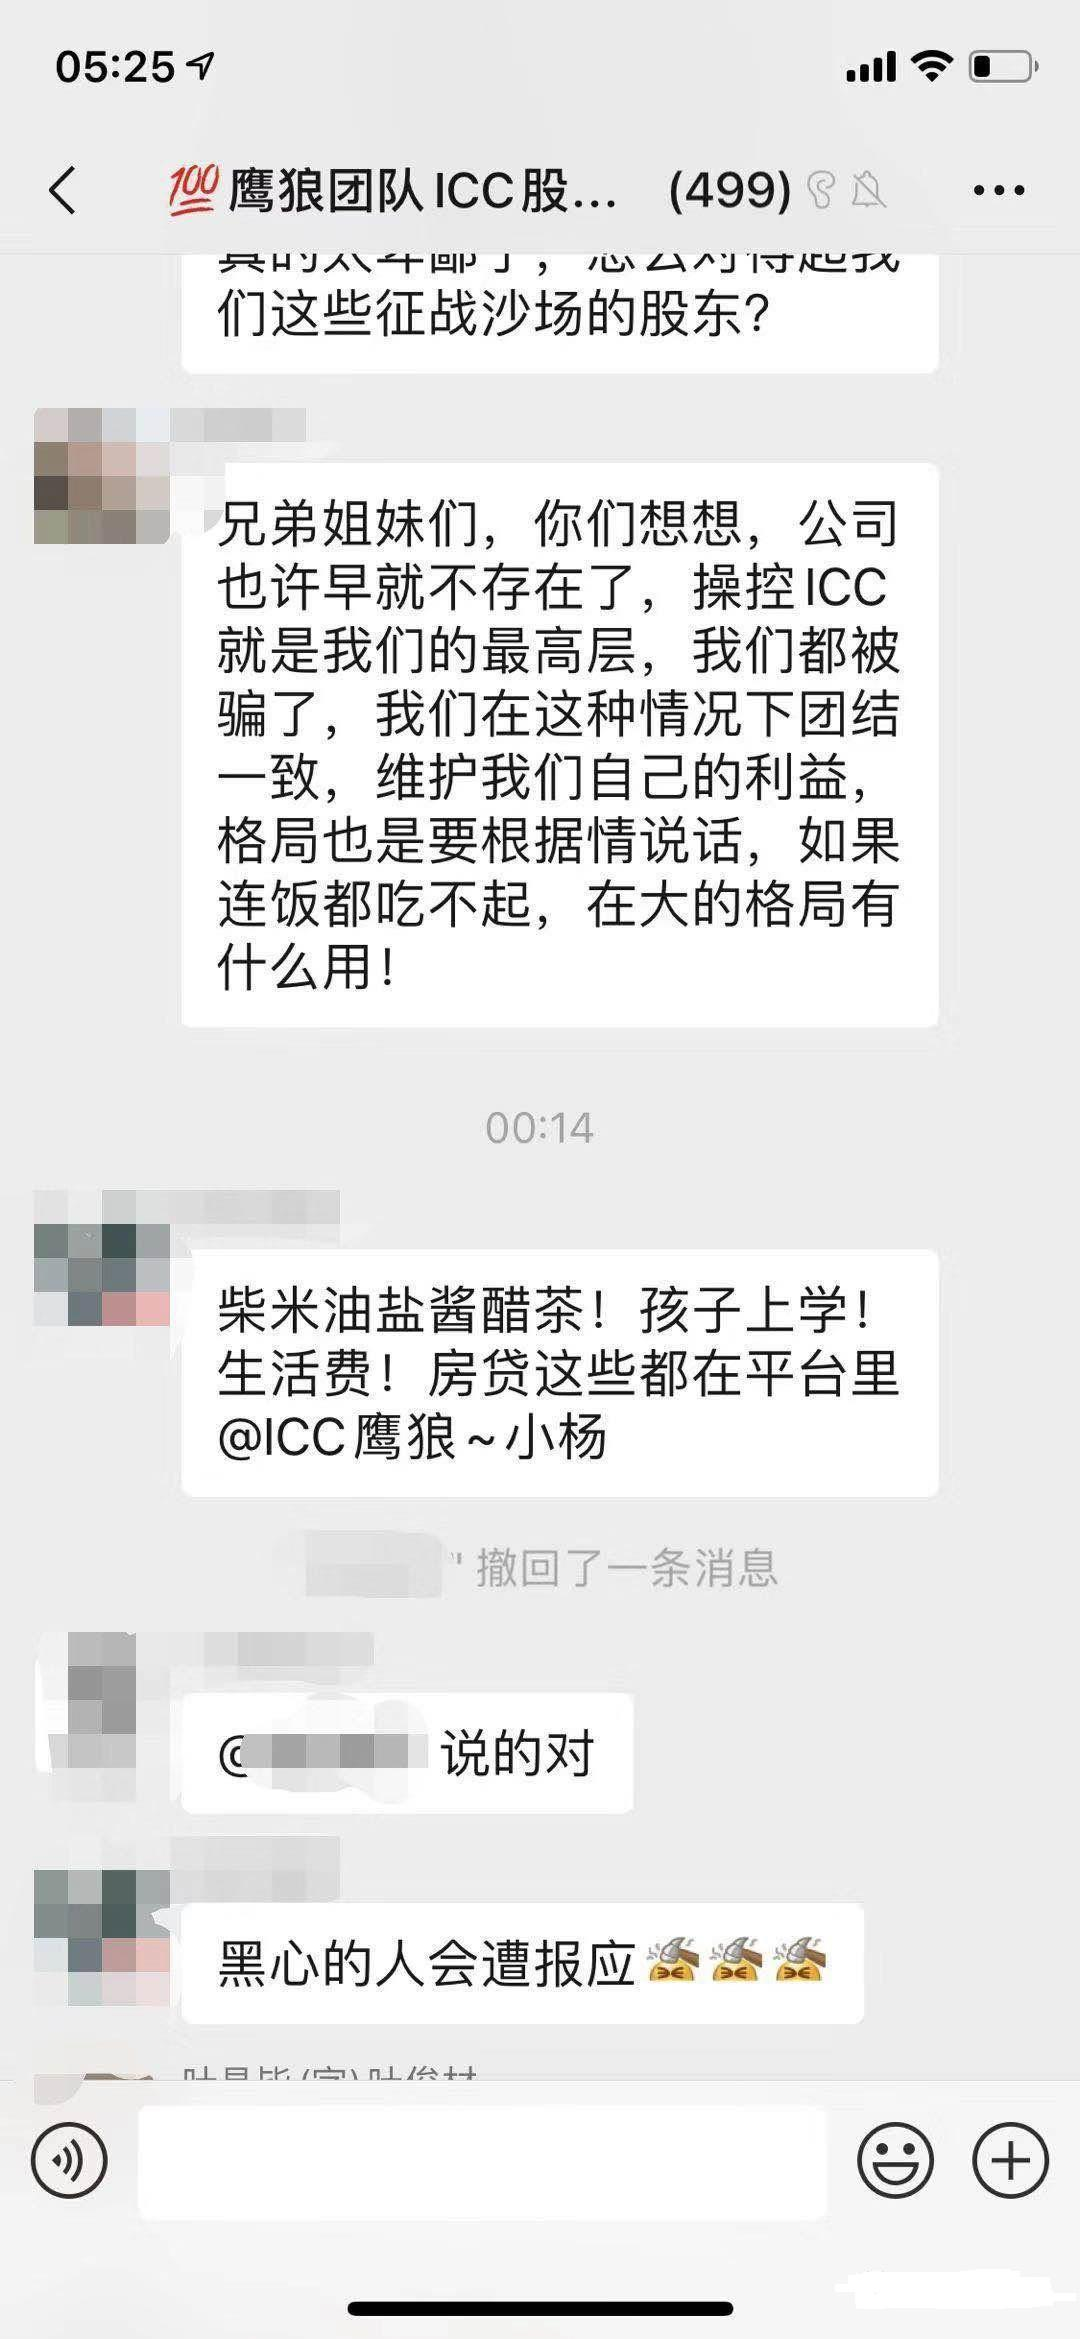 """【重磅】""""ICC""""正式宣布跑路,发公告称明年三月再来割你们-第3张图片-曝光各种资金盘返利套现理财骗局_提供盘界快讯最新消息"""